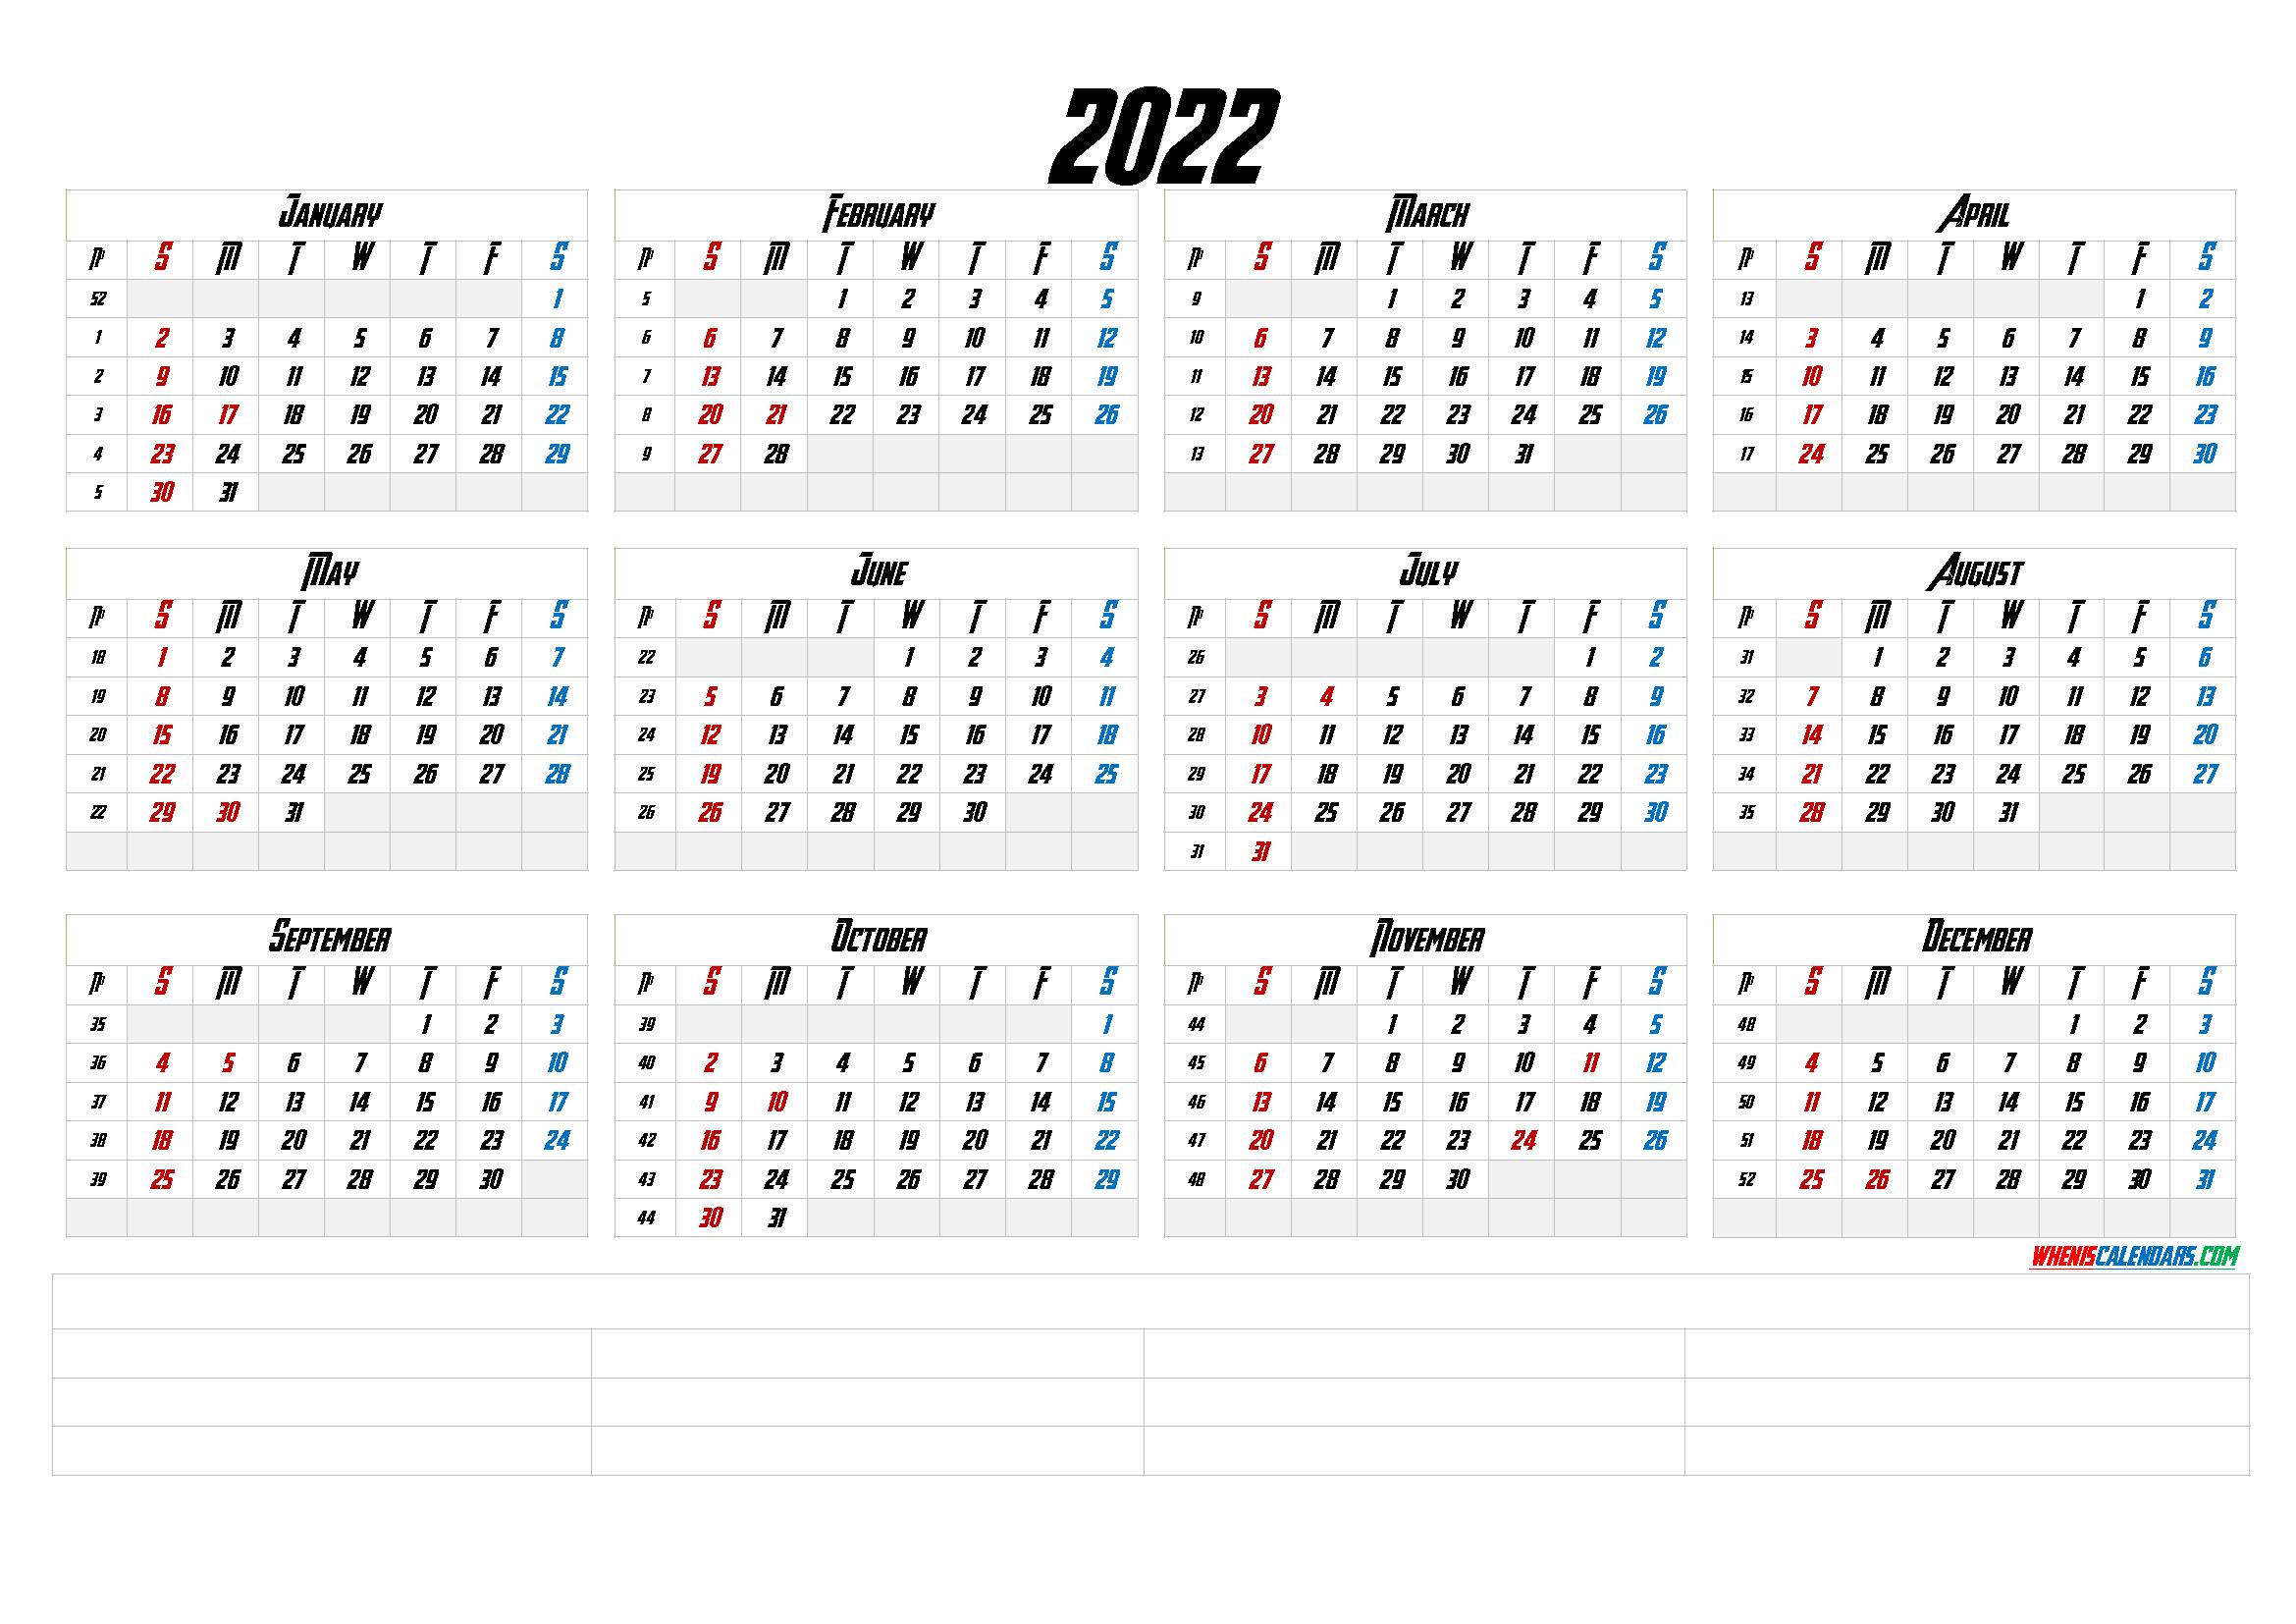 2022 Calendar Week Numbers.Printable 2022 Calendar With Week Numbers 6 Templates 12 Month Calendar Printable Calendar With Week Numbers Monthly Calendar Printable